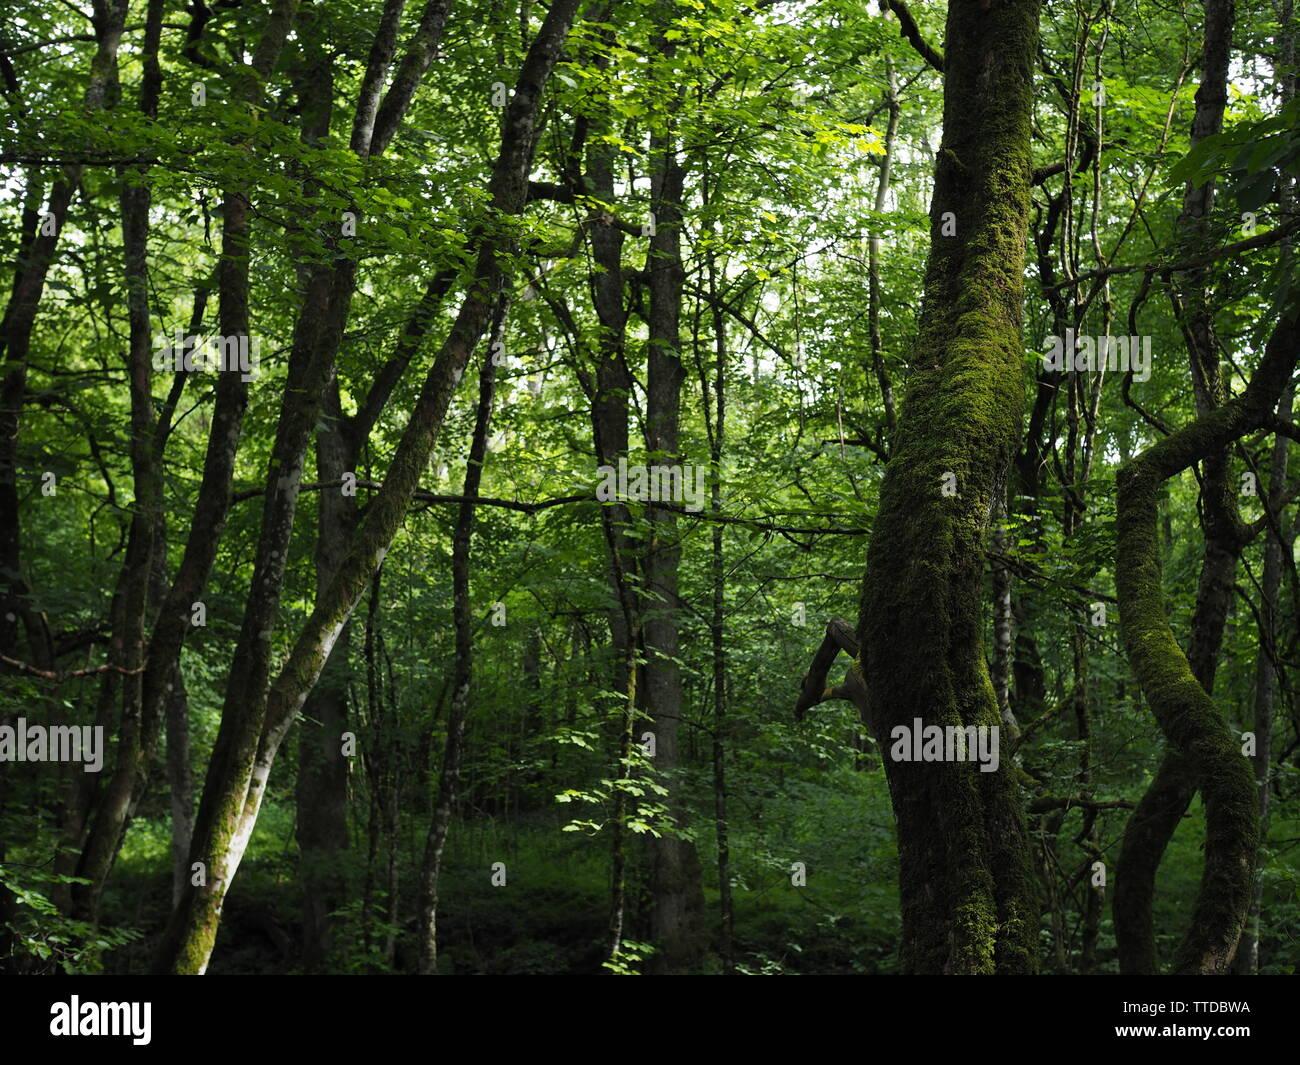 Moss Spiral Stock Photos & Moss Spiral Stock Images